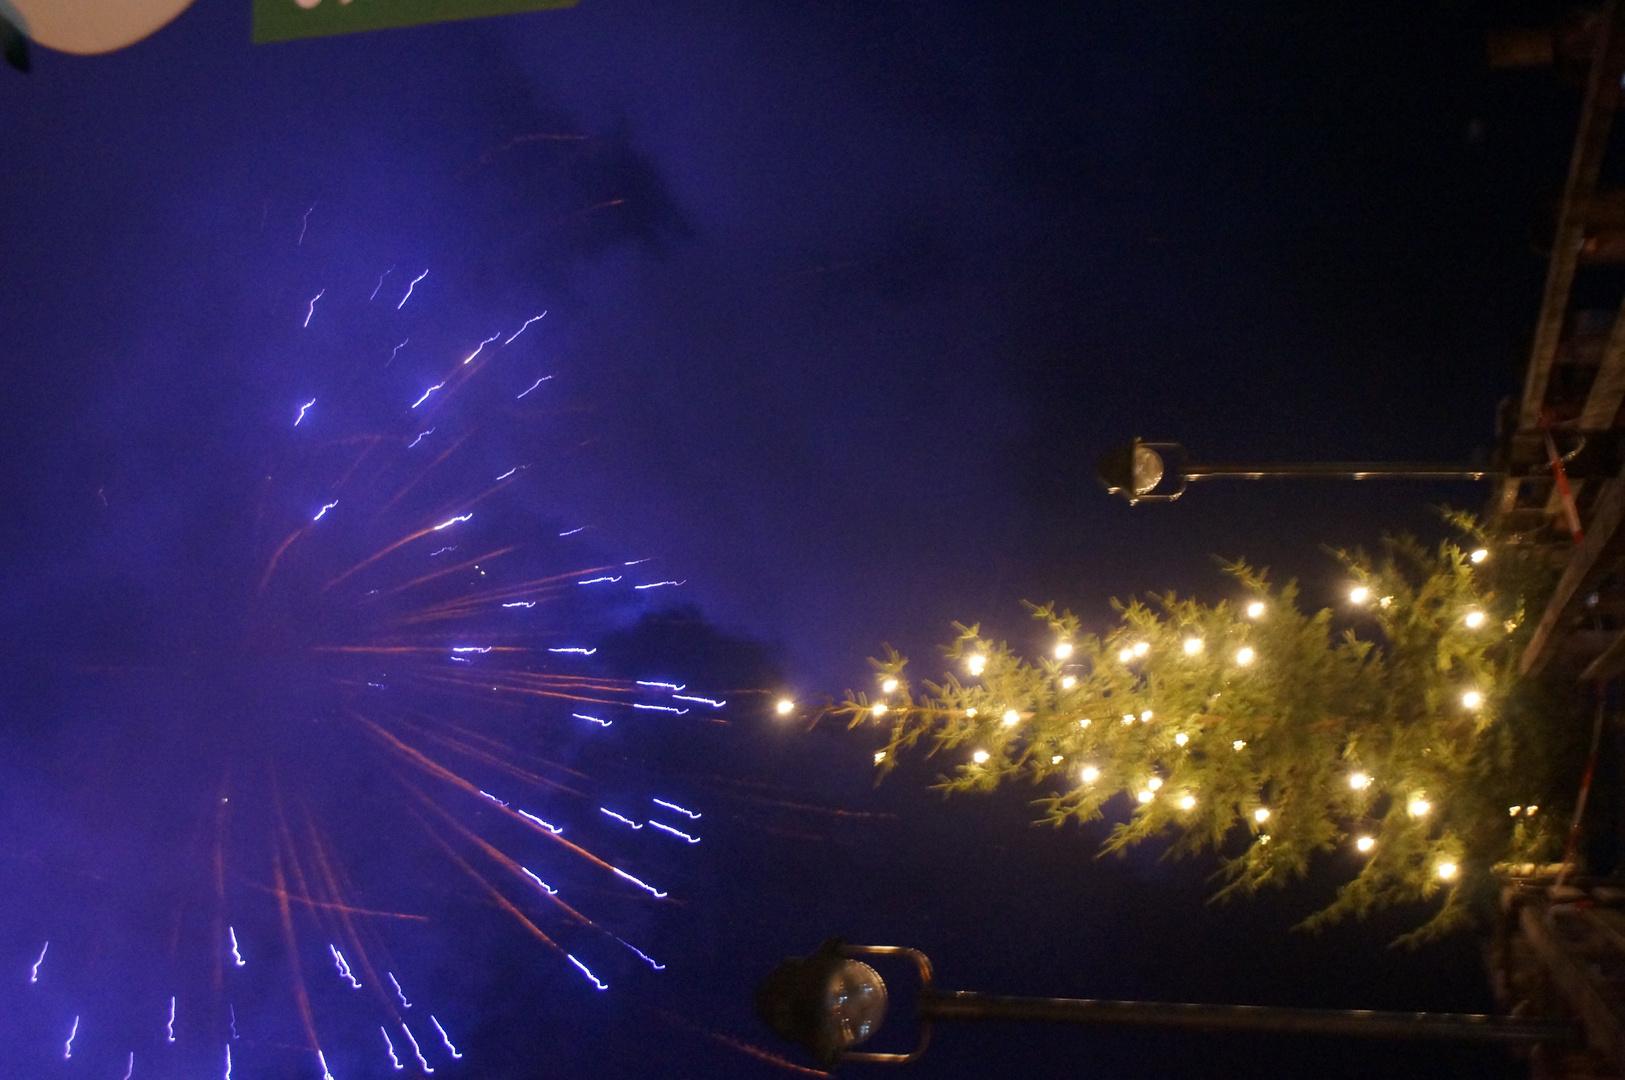 Feuerwerk über dem Weihnachtsbaum